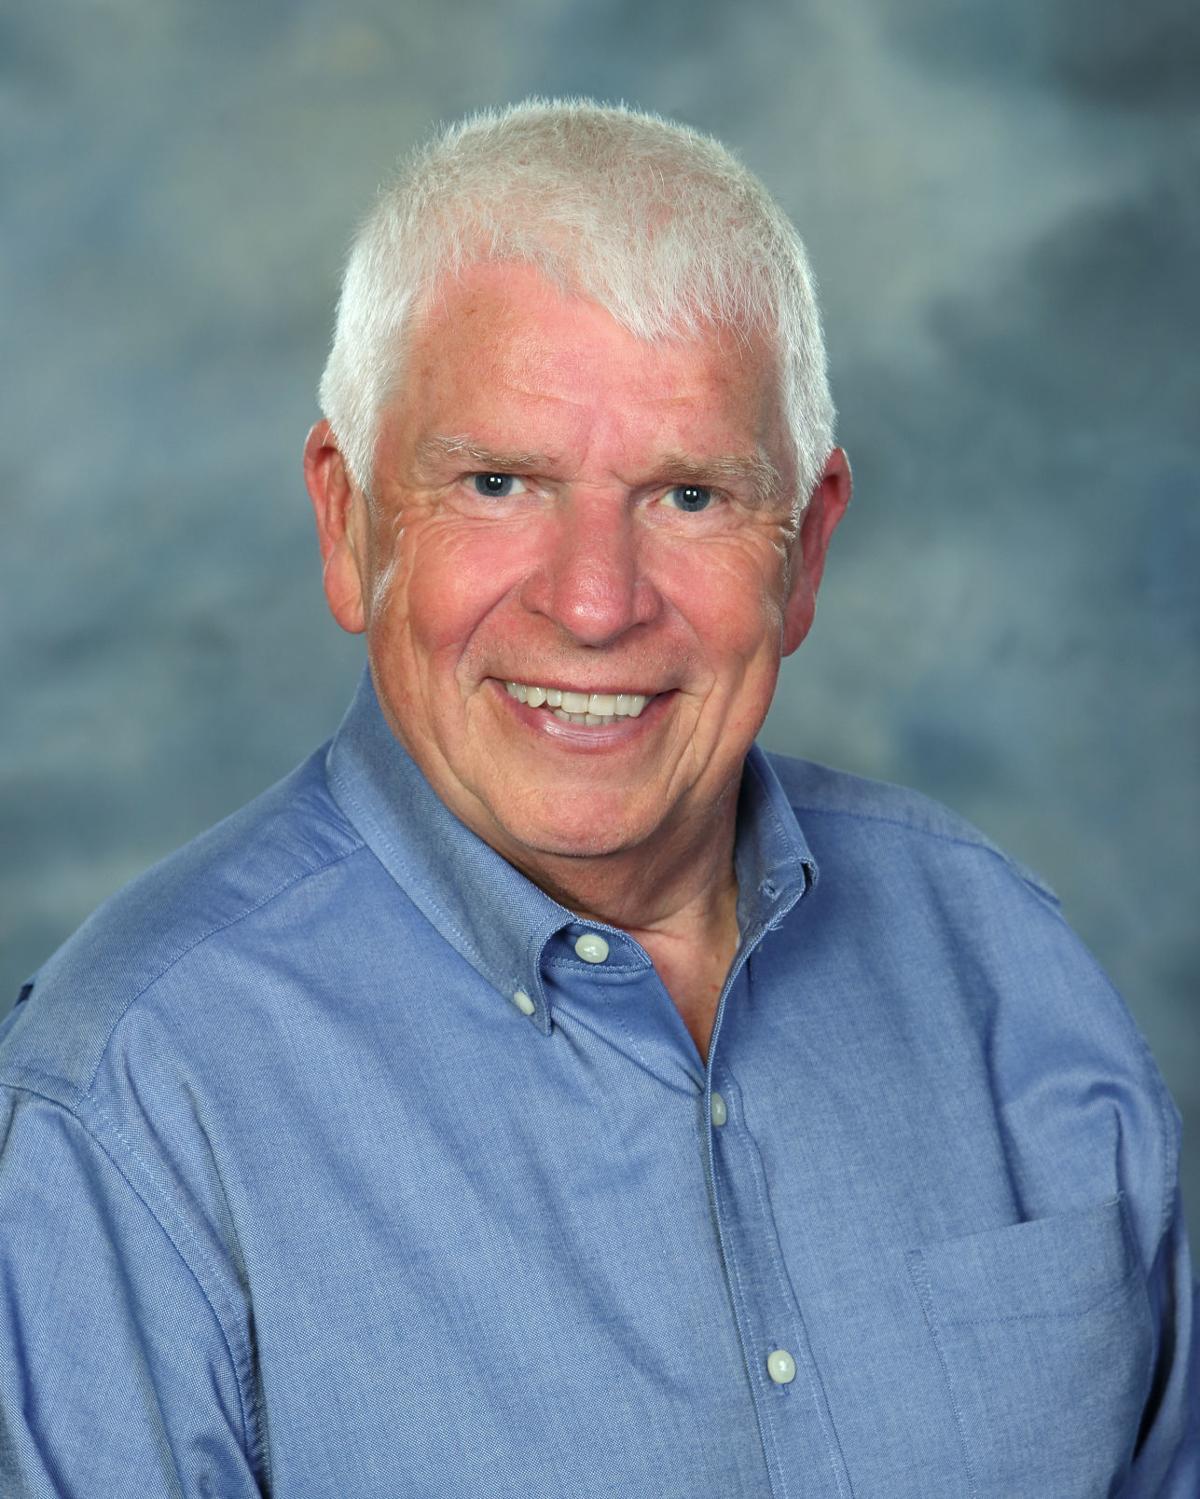 Allan Erickson